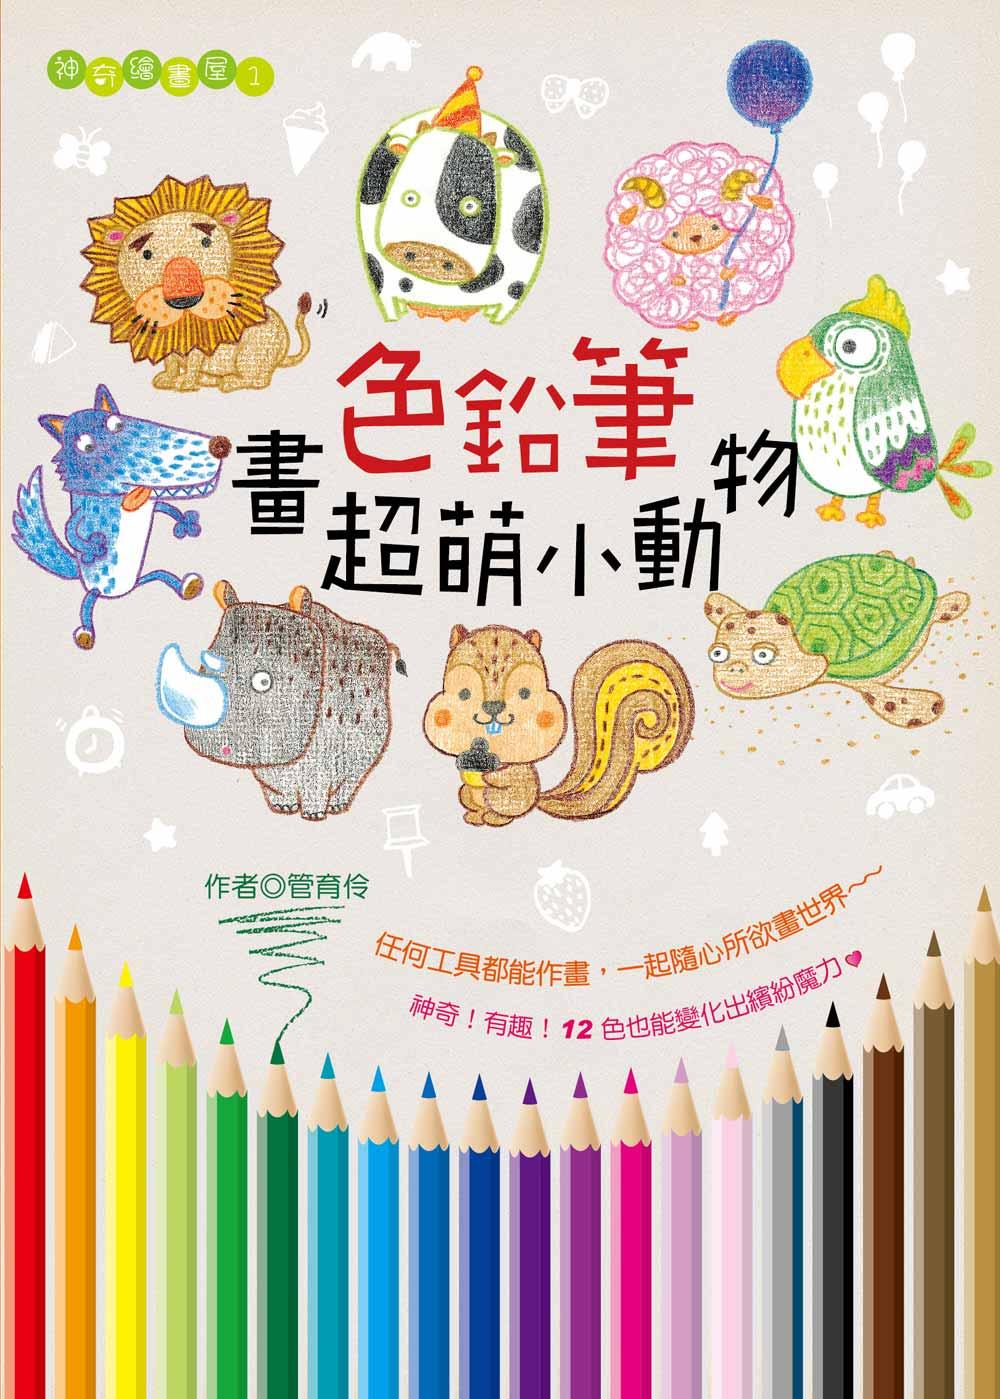 书名:《色铅笔画超萌小动物》